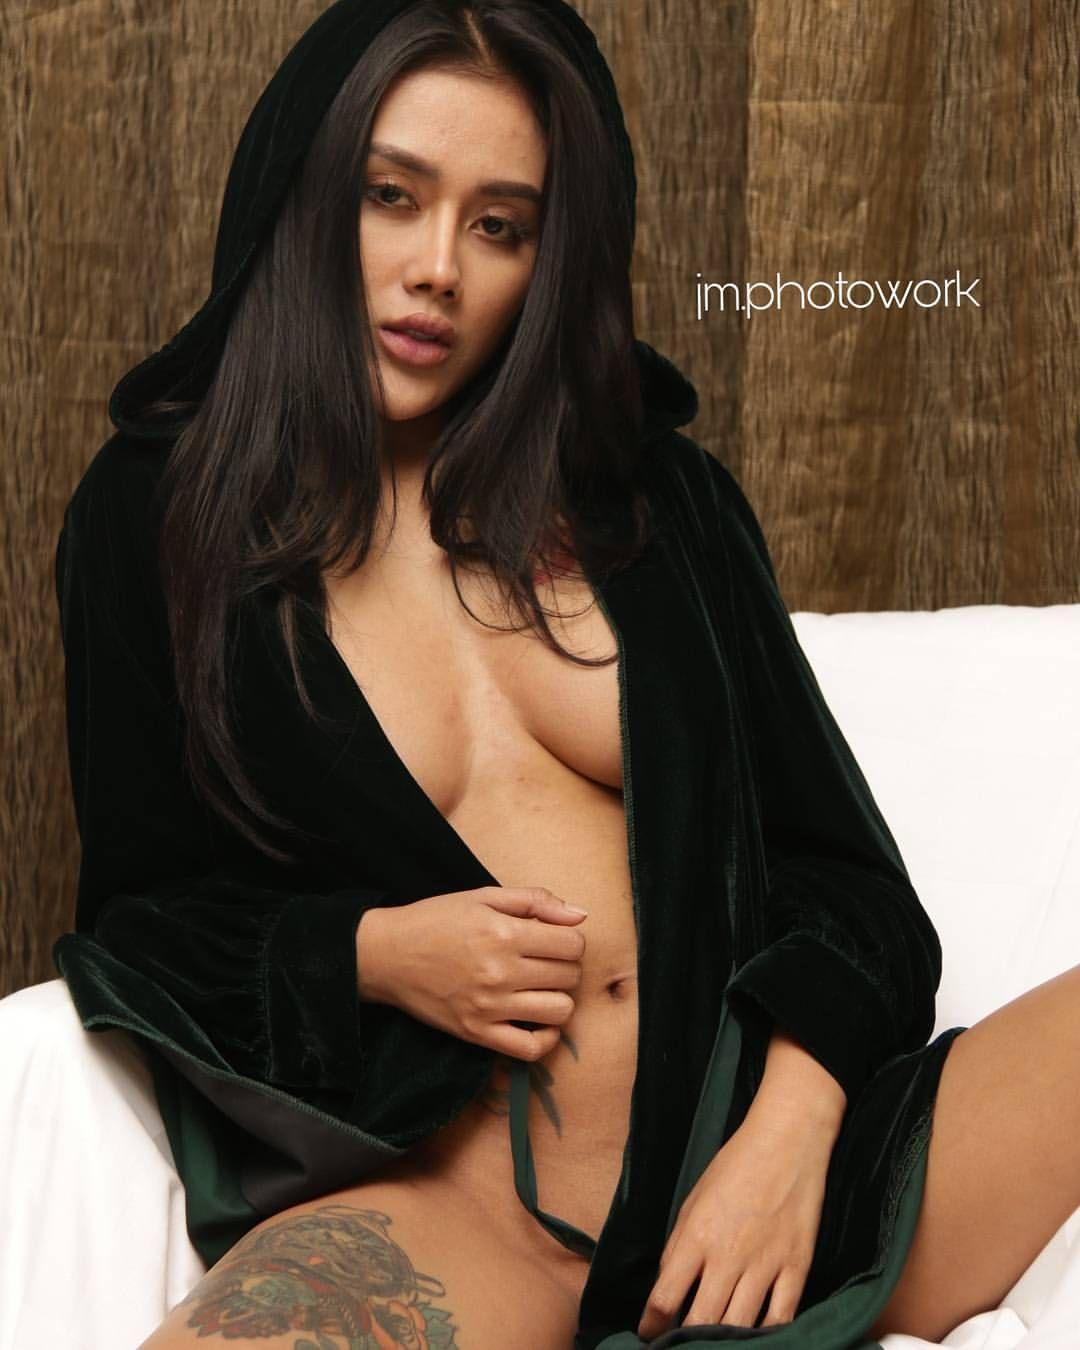 Pattie ann browne nude was